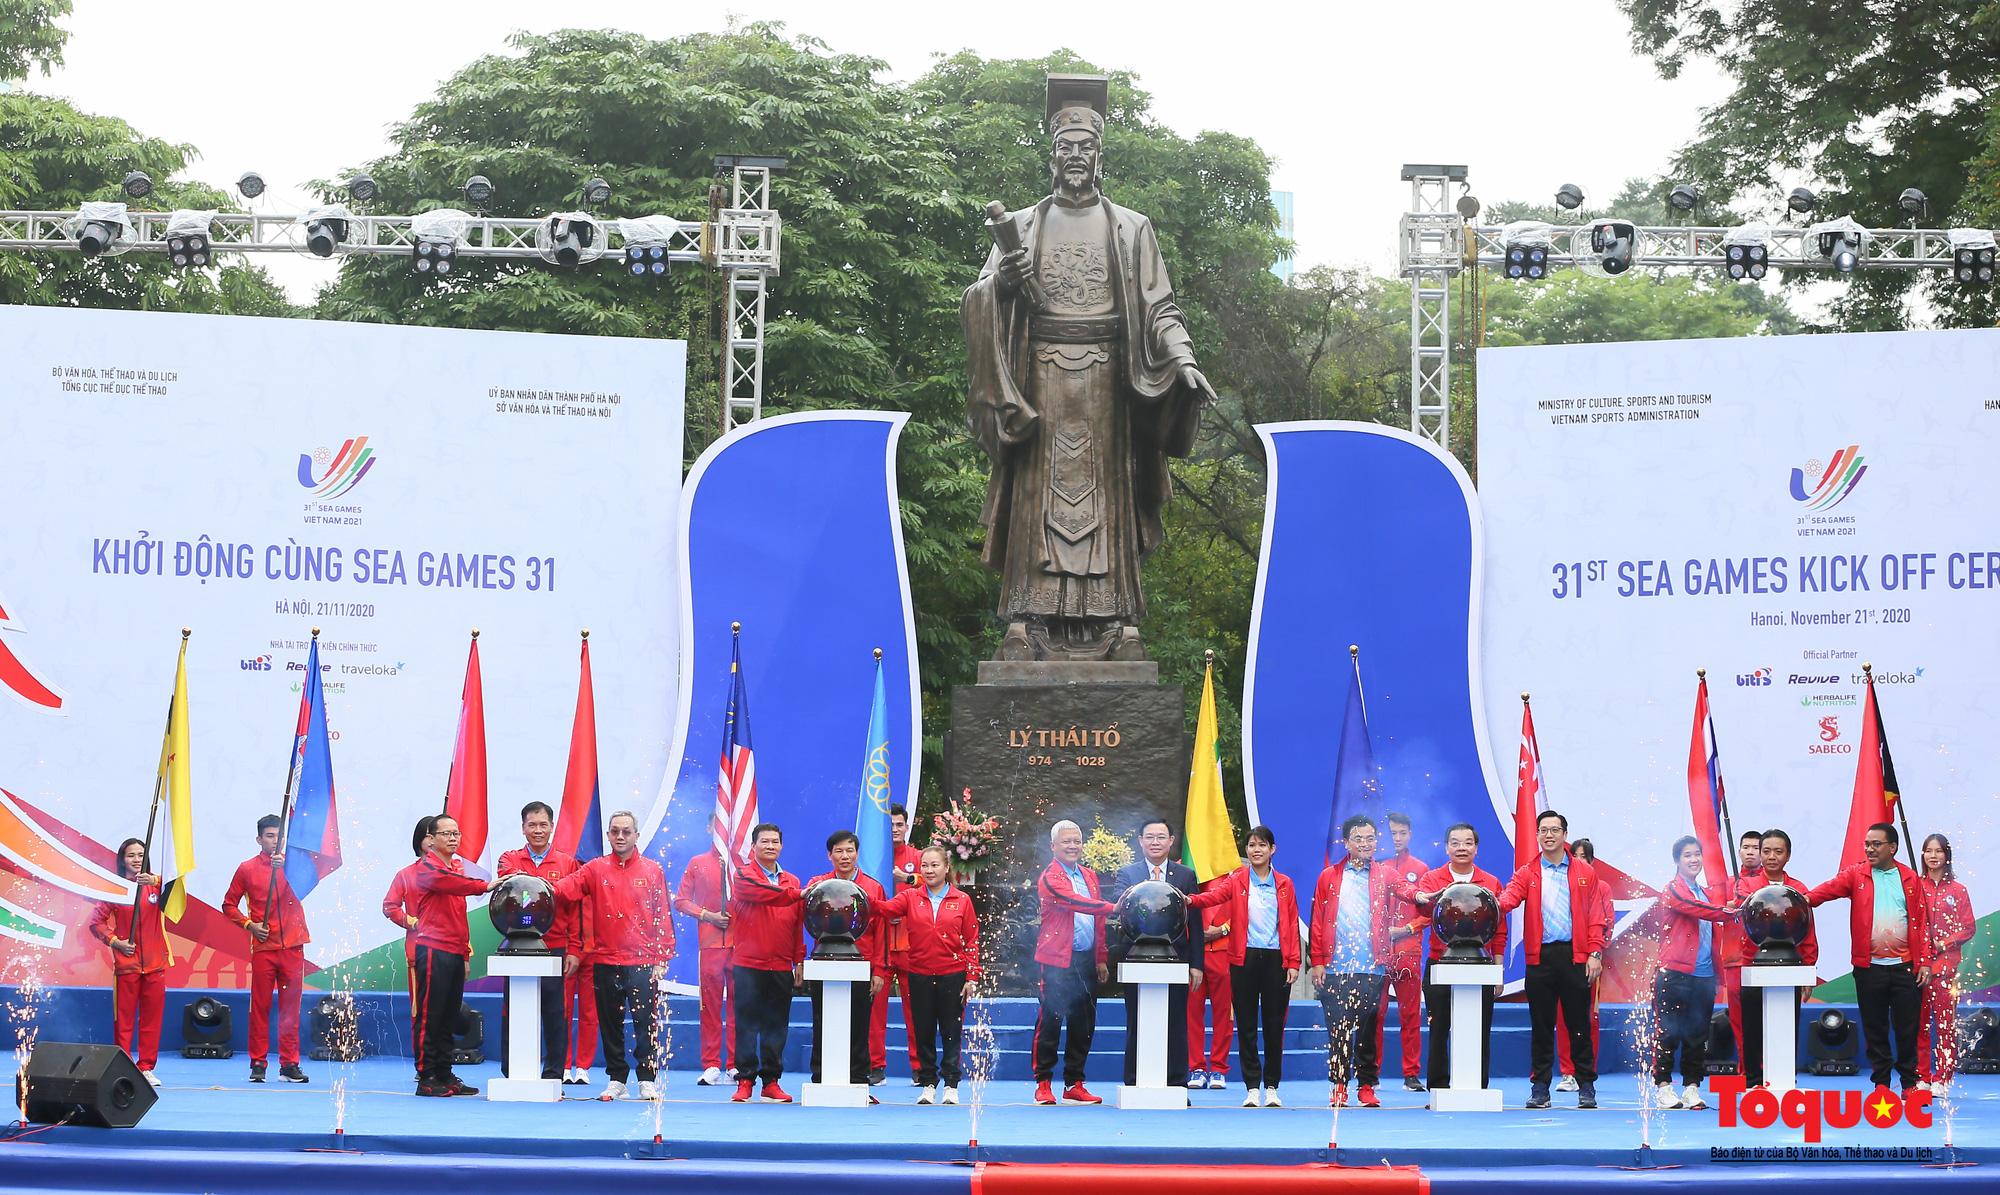 Khởi động cùng SEA Games 31 - Việt Nam sẵn sàng cho Đại hội thể thao lớn nhất Đông Nam Á  - Ảnh 7.